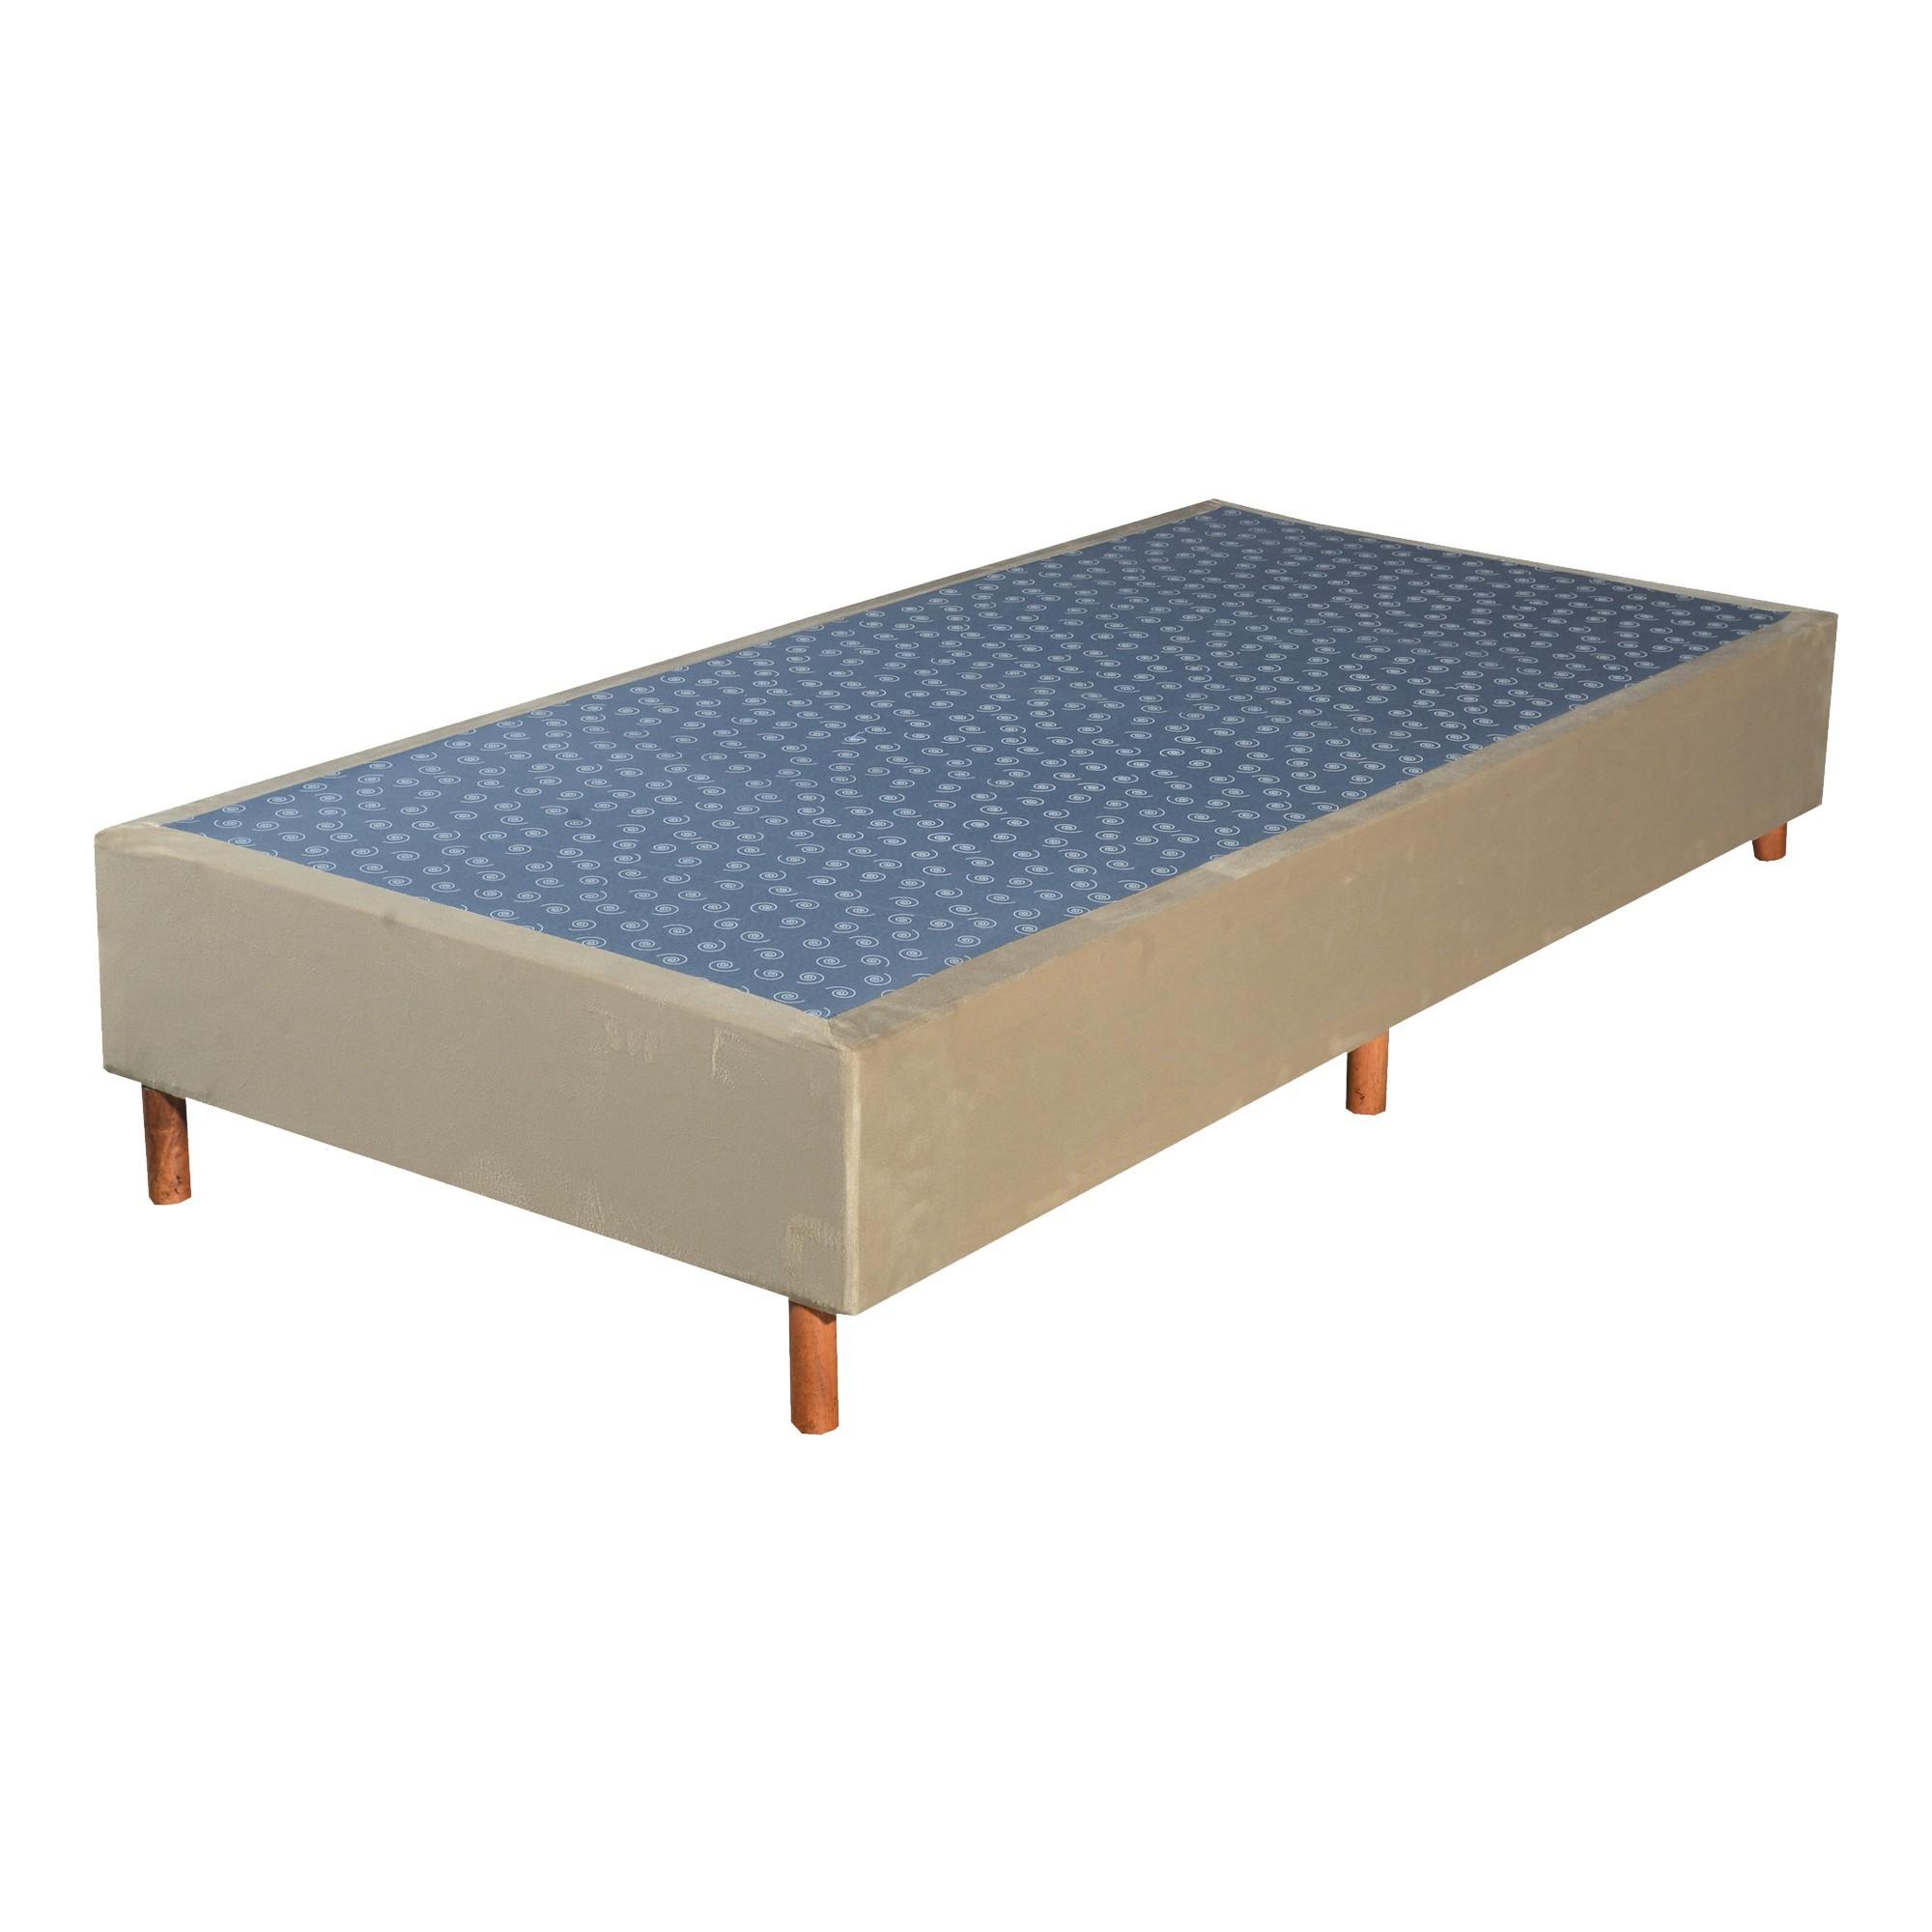 Cama Box Base Solteiro Veludo Bege 088x188x25